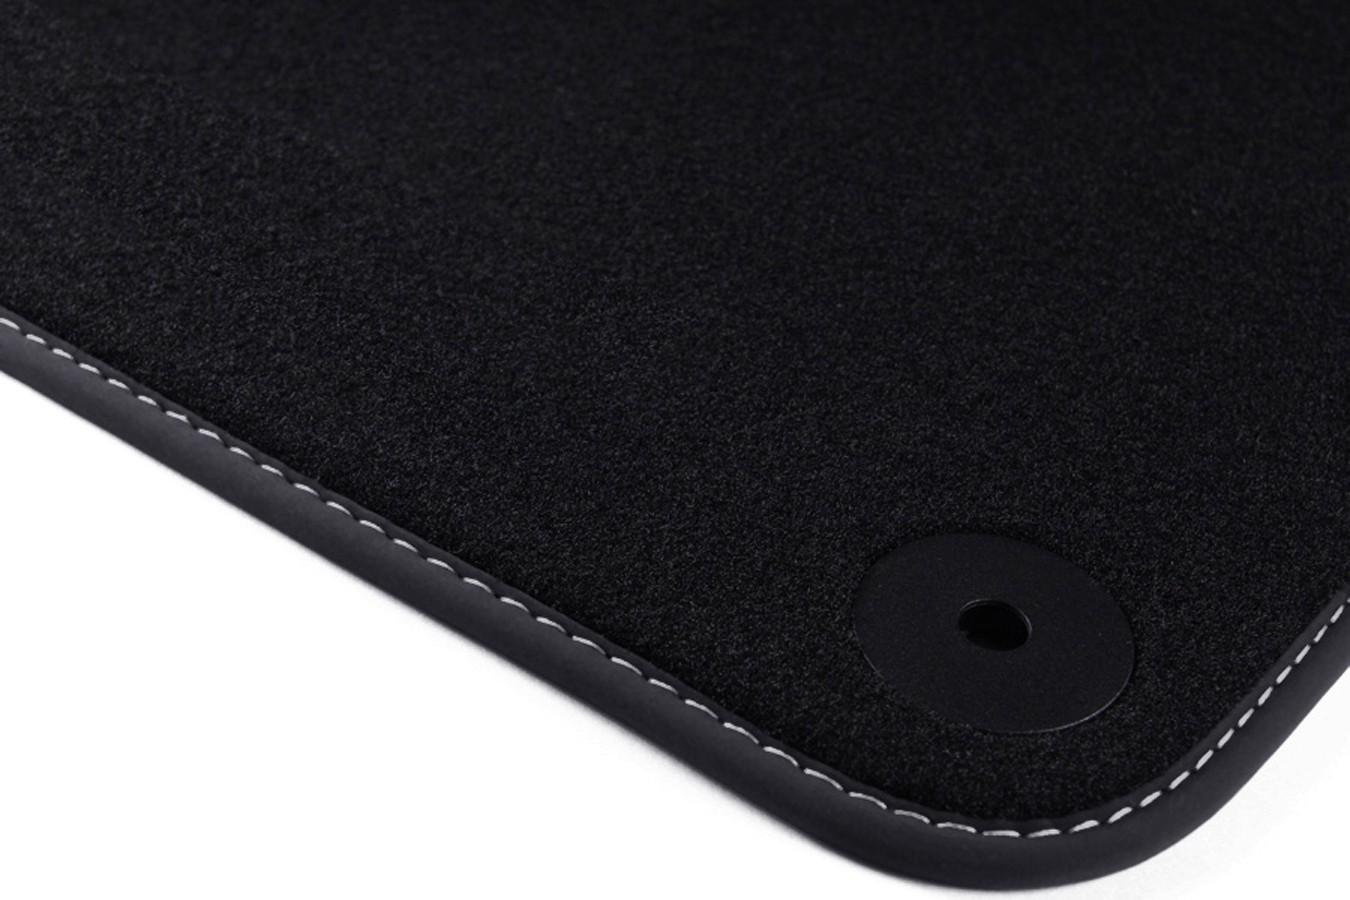 exclusive tapis de sol de voitures pour vw golf 7 vii berline combi tapis de voiture pour vw. Black Bedroom Furniture Sets. Home Design Ideas